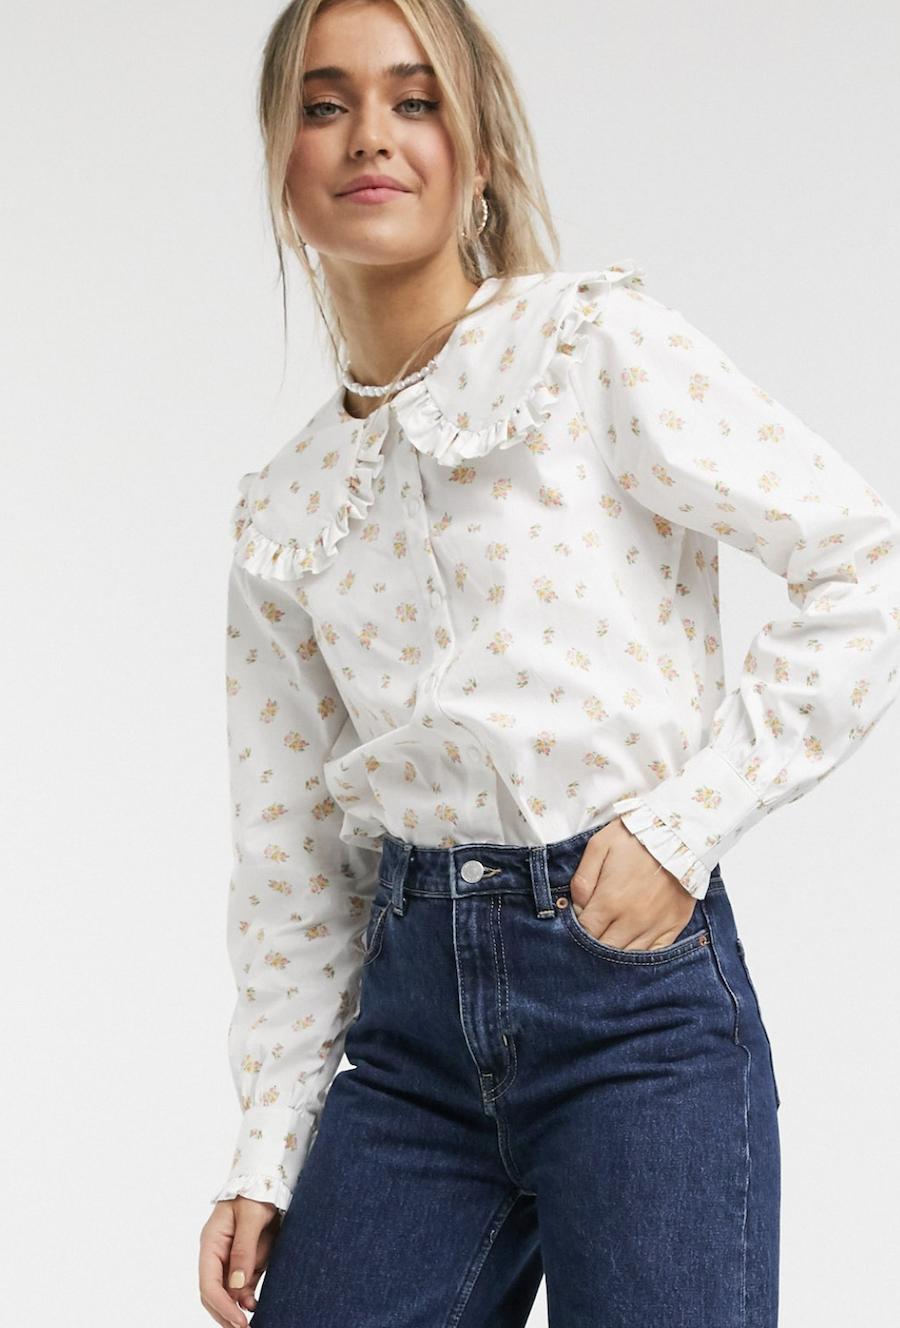 Camisa multicolor de algodón orgánico con cuello extragrande y estampado floral Maddy de Monki